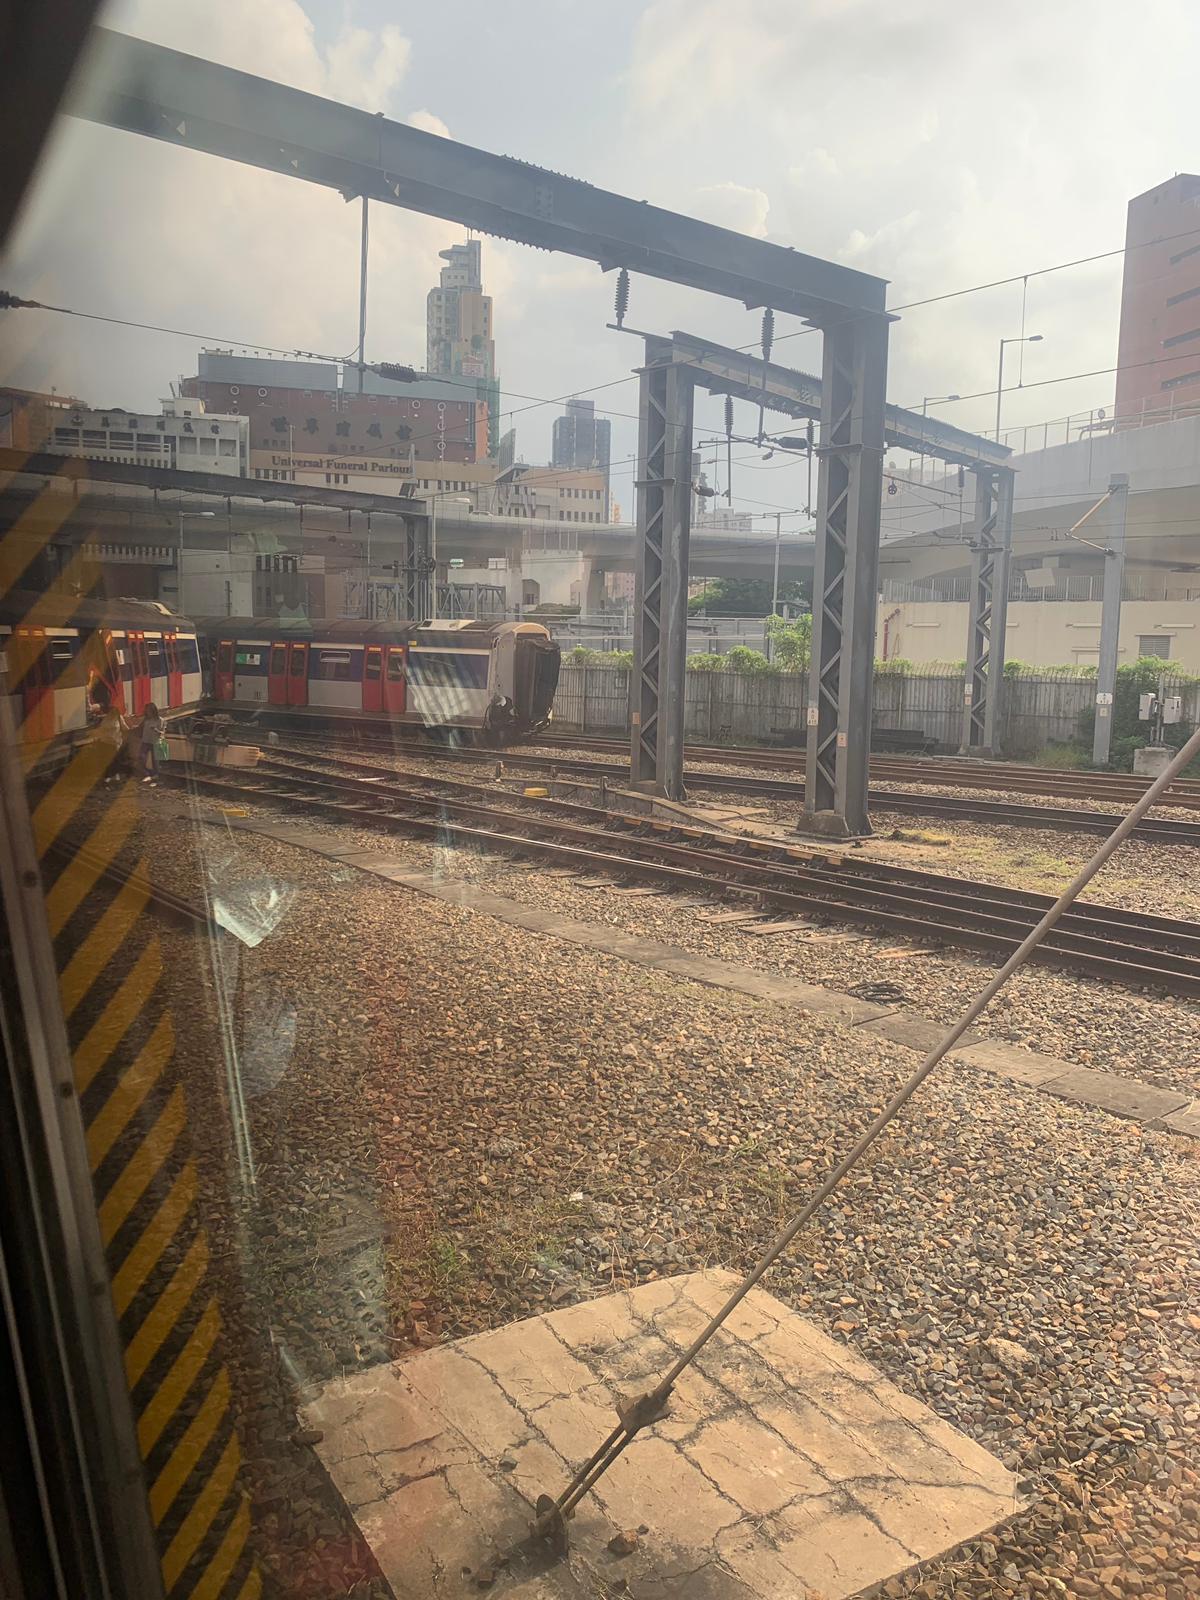 【突發‧多圖】紅磡站有列車出軌